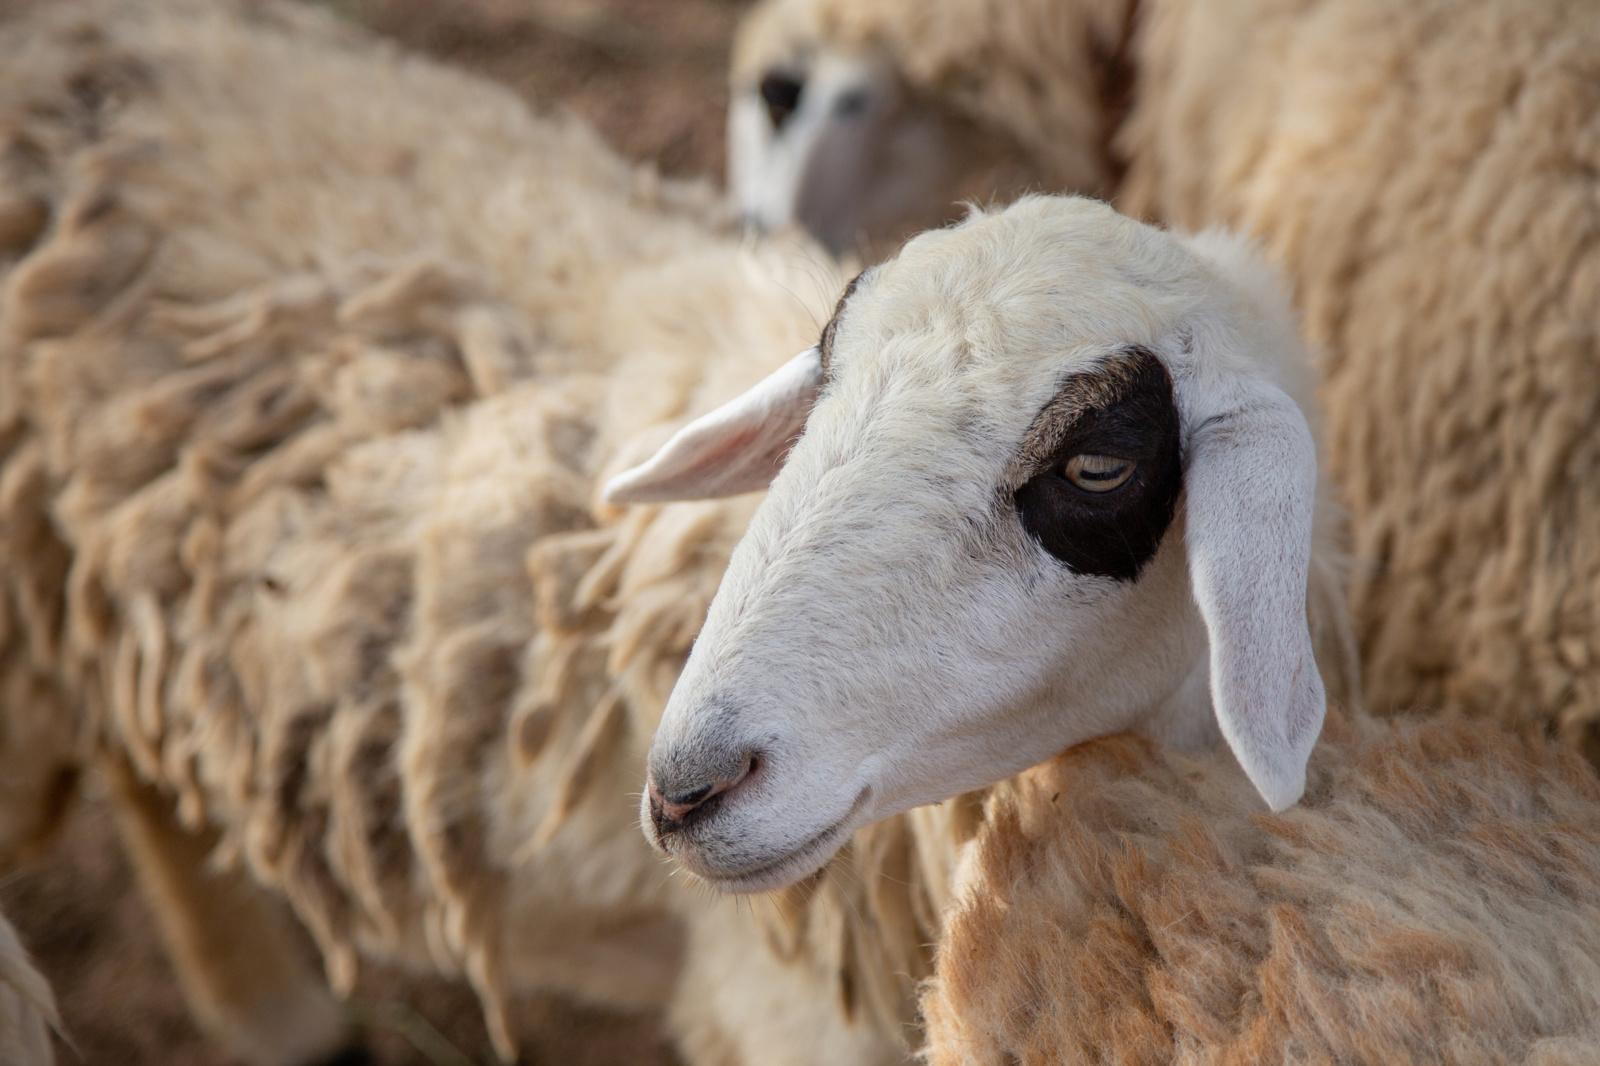 Tarptautinis gyvulių transportavimas – pastovi kova su kraupiomis sąlygomis